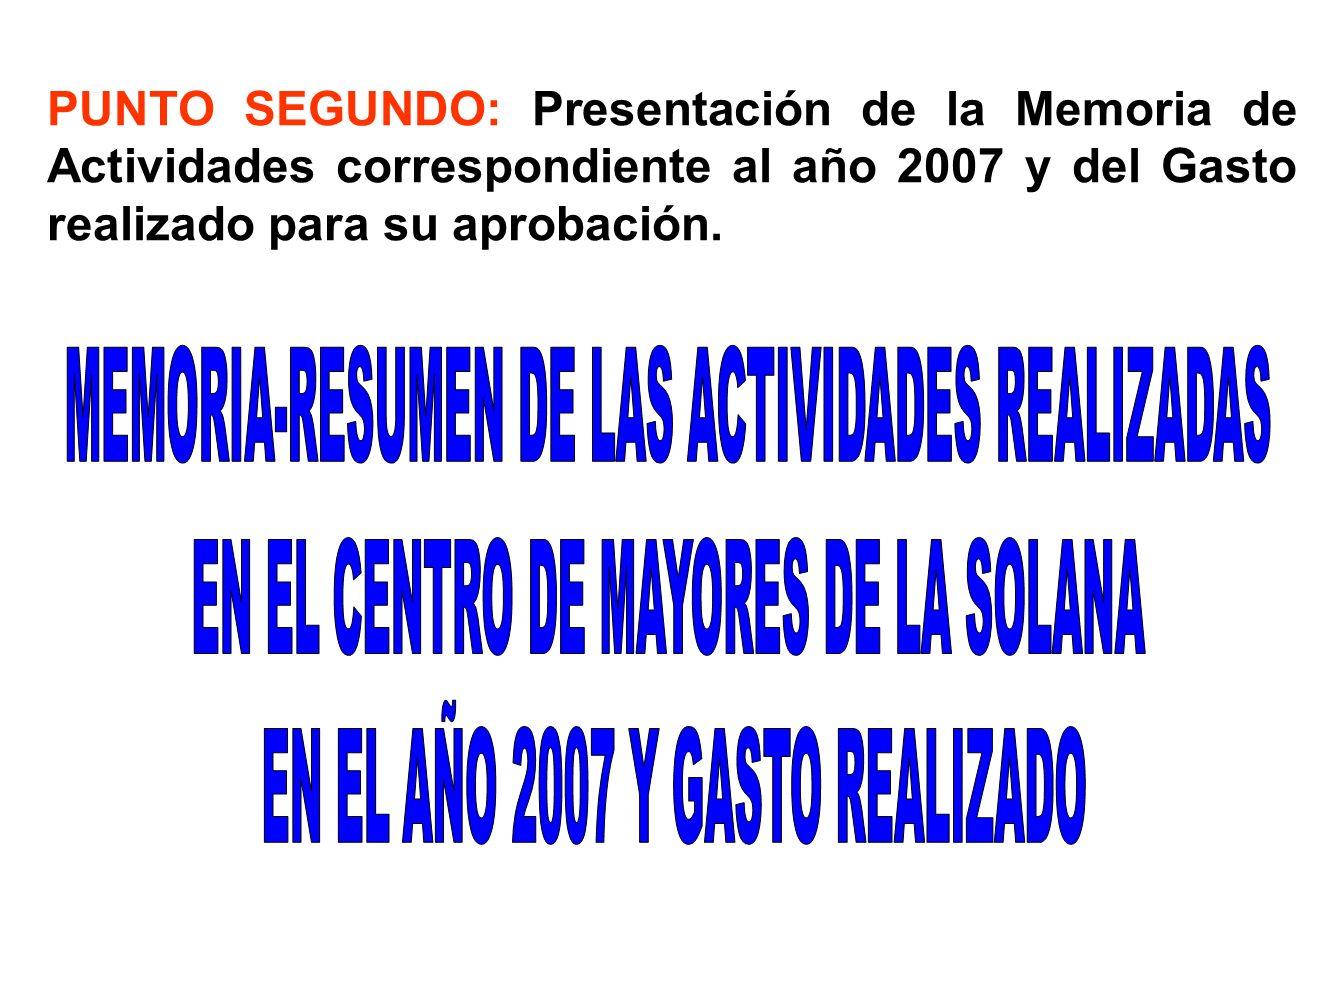 MEMORIA-RESUMEN DE LAS ACTIVIDADES REALIZADAS